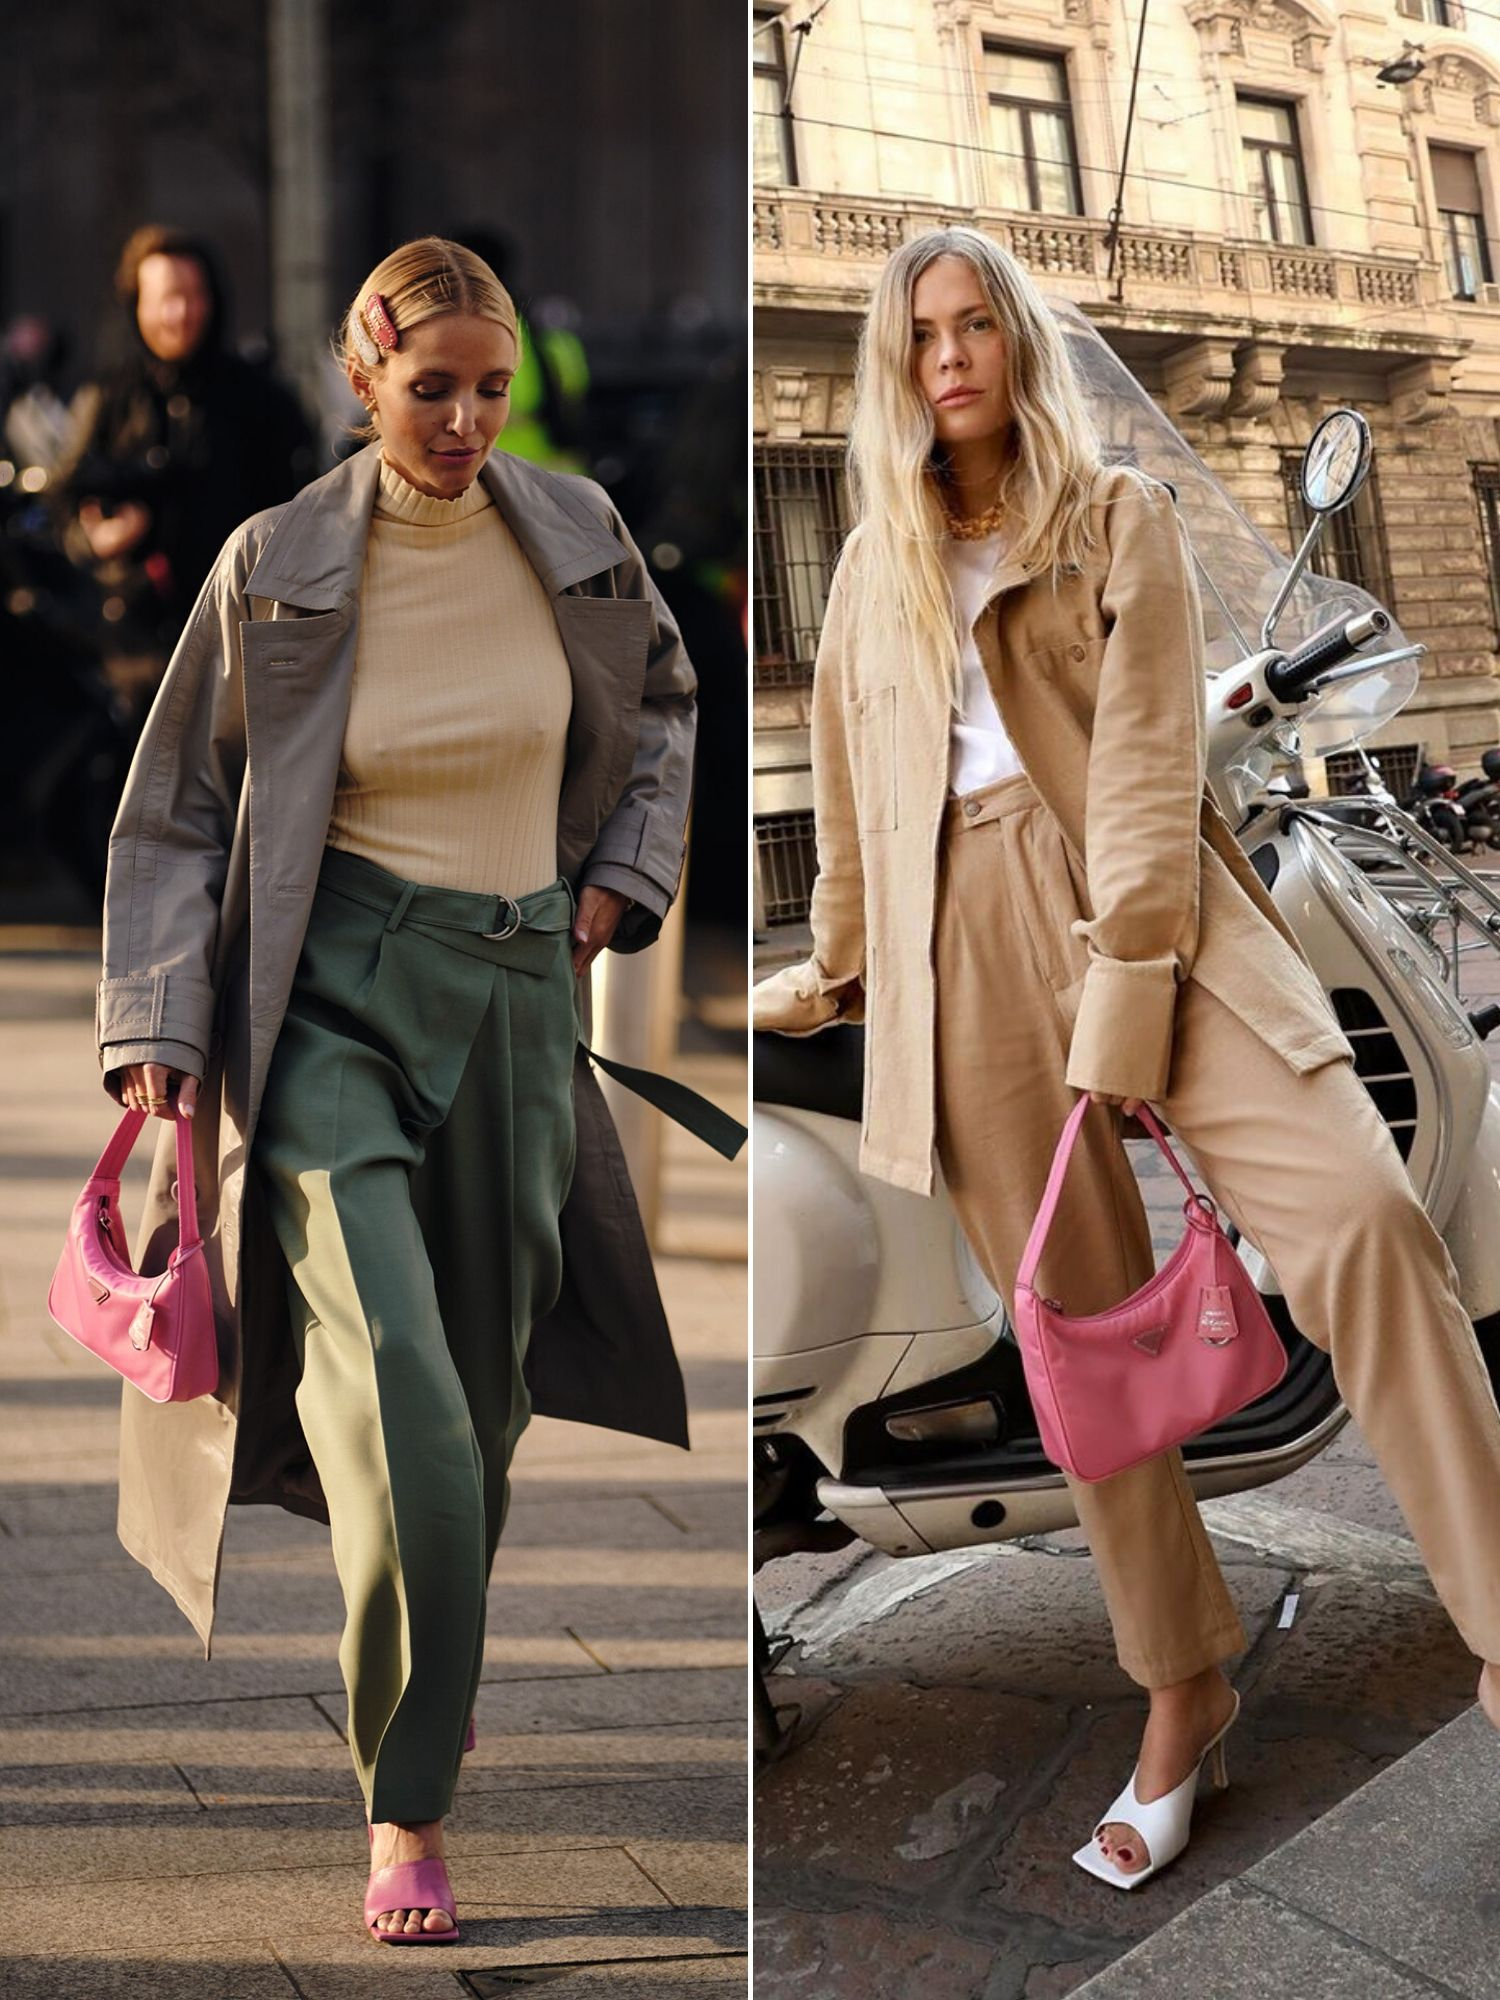 túi prada tuần lễ thời trang thu đông 2020 london milan